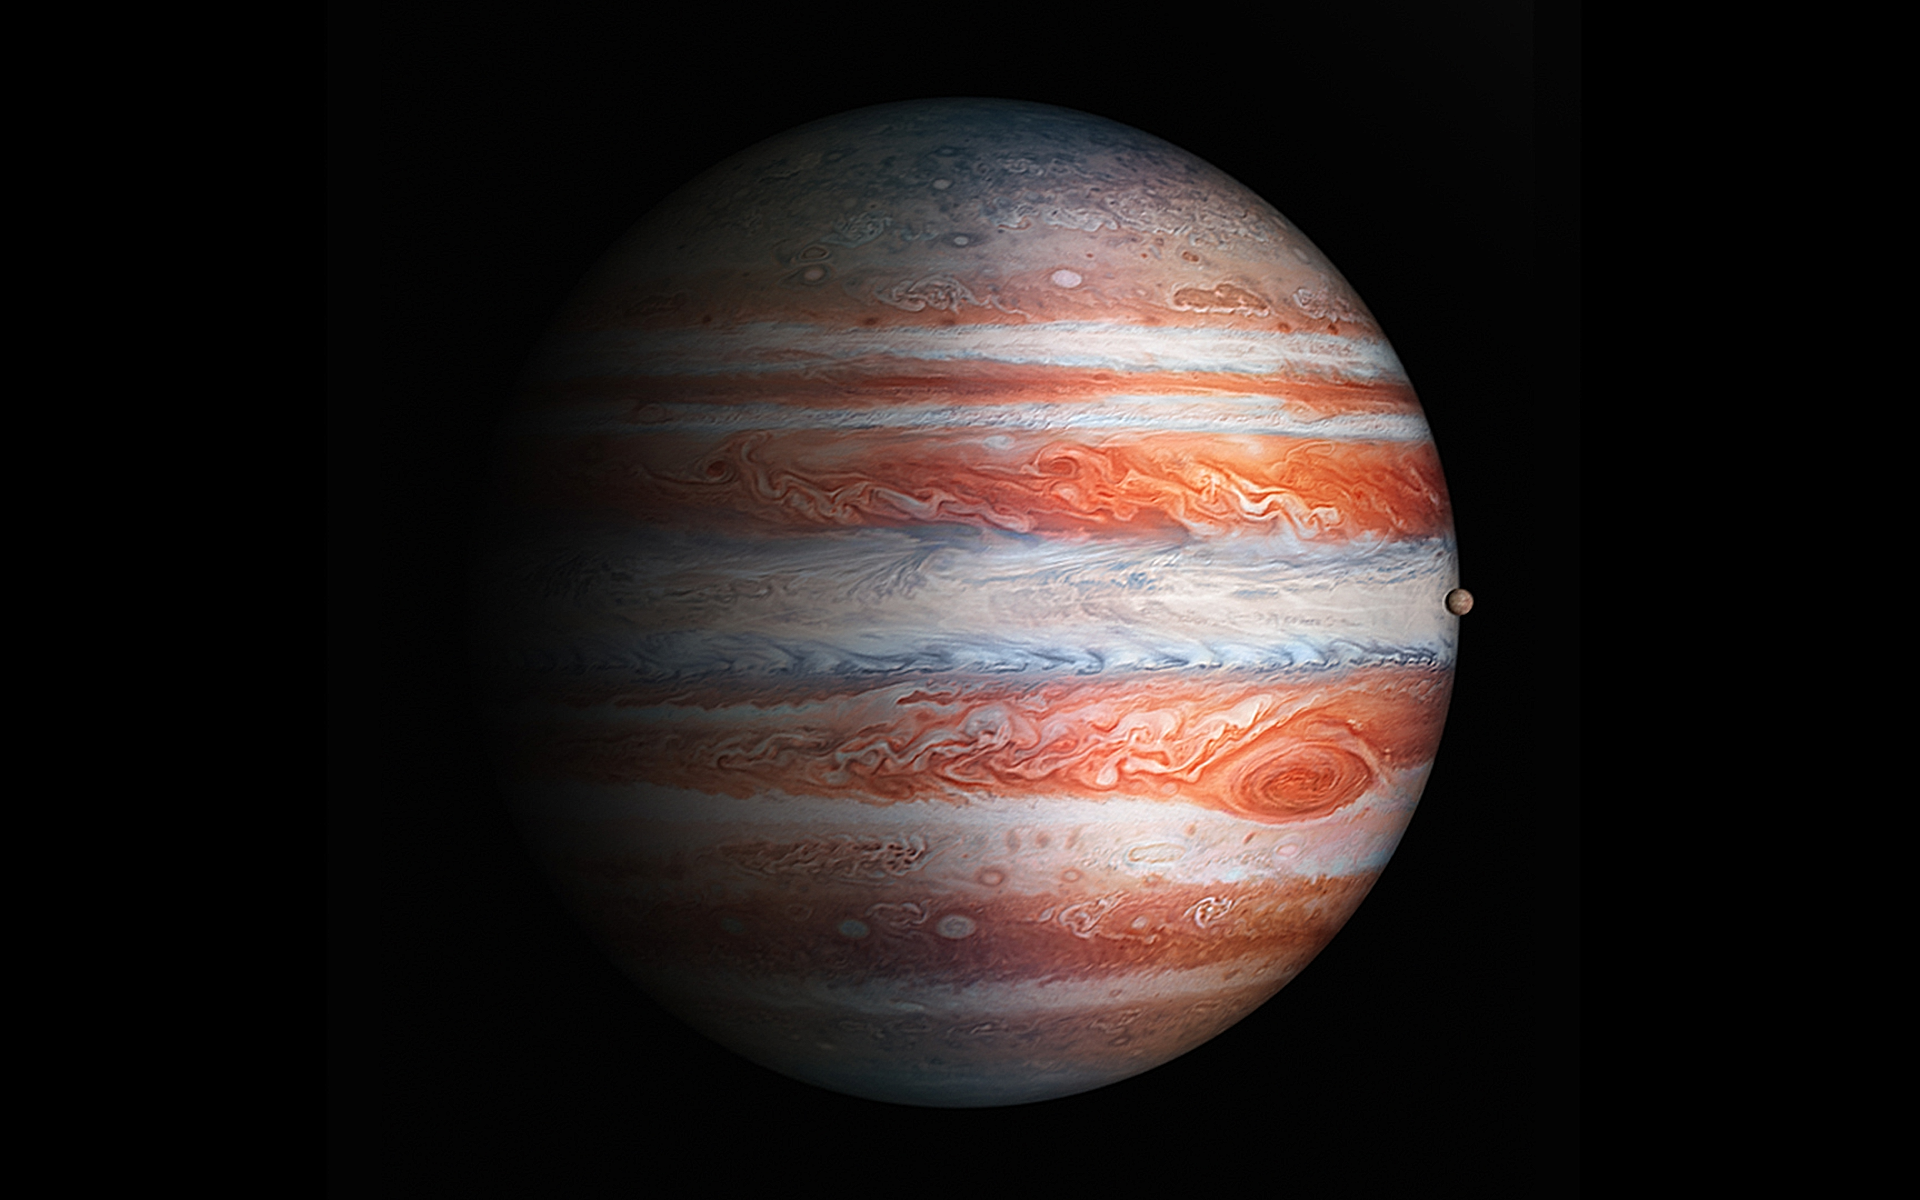 Stunning Jupiter Wallpaper Design Ideas